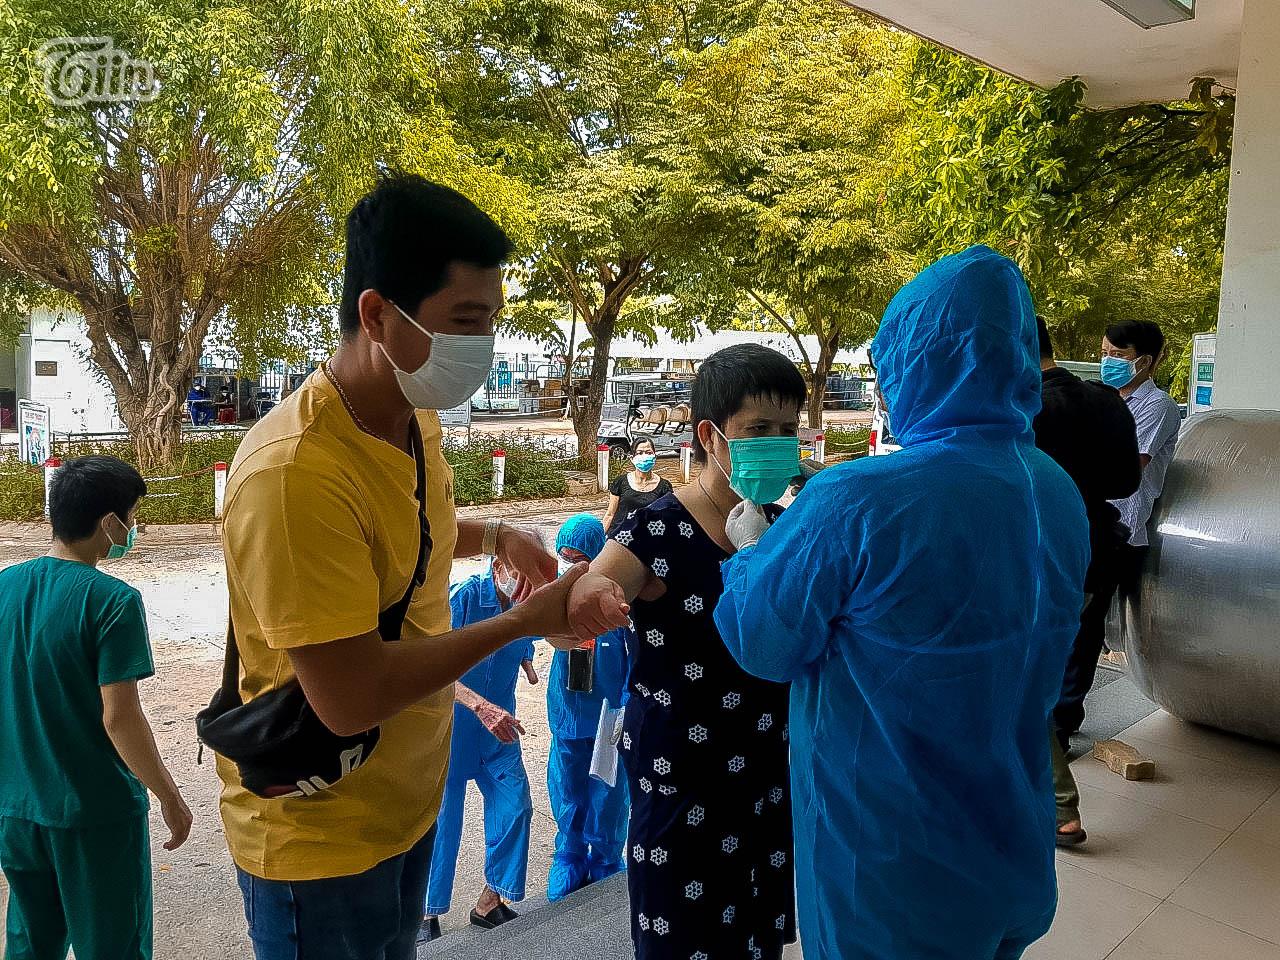 Cán bộ y tế, các bác sĩ dặn dò bệnh nhân trước khi về nhà